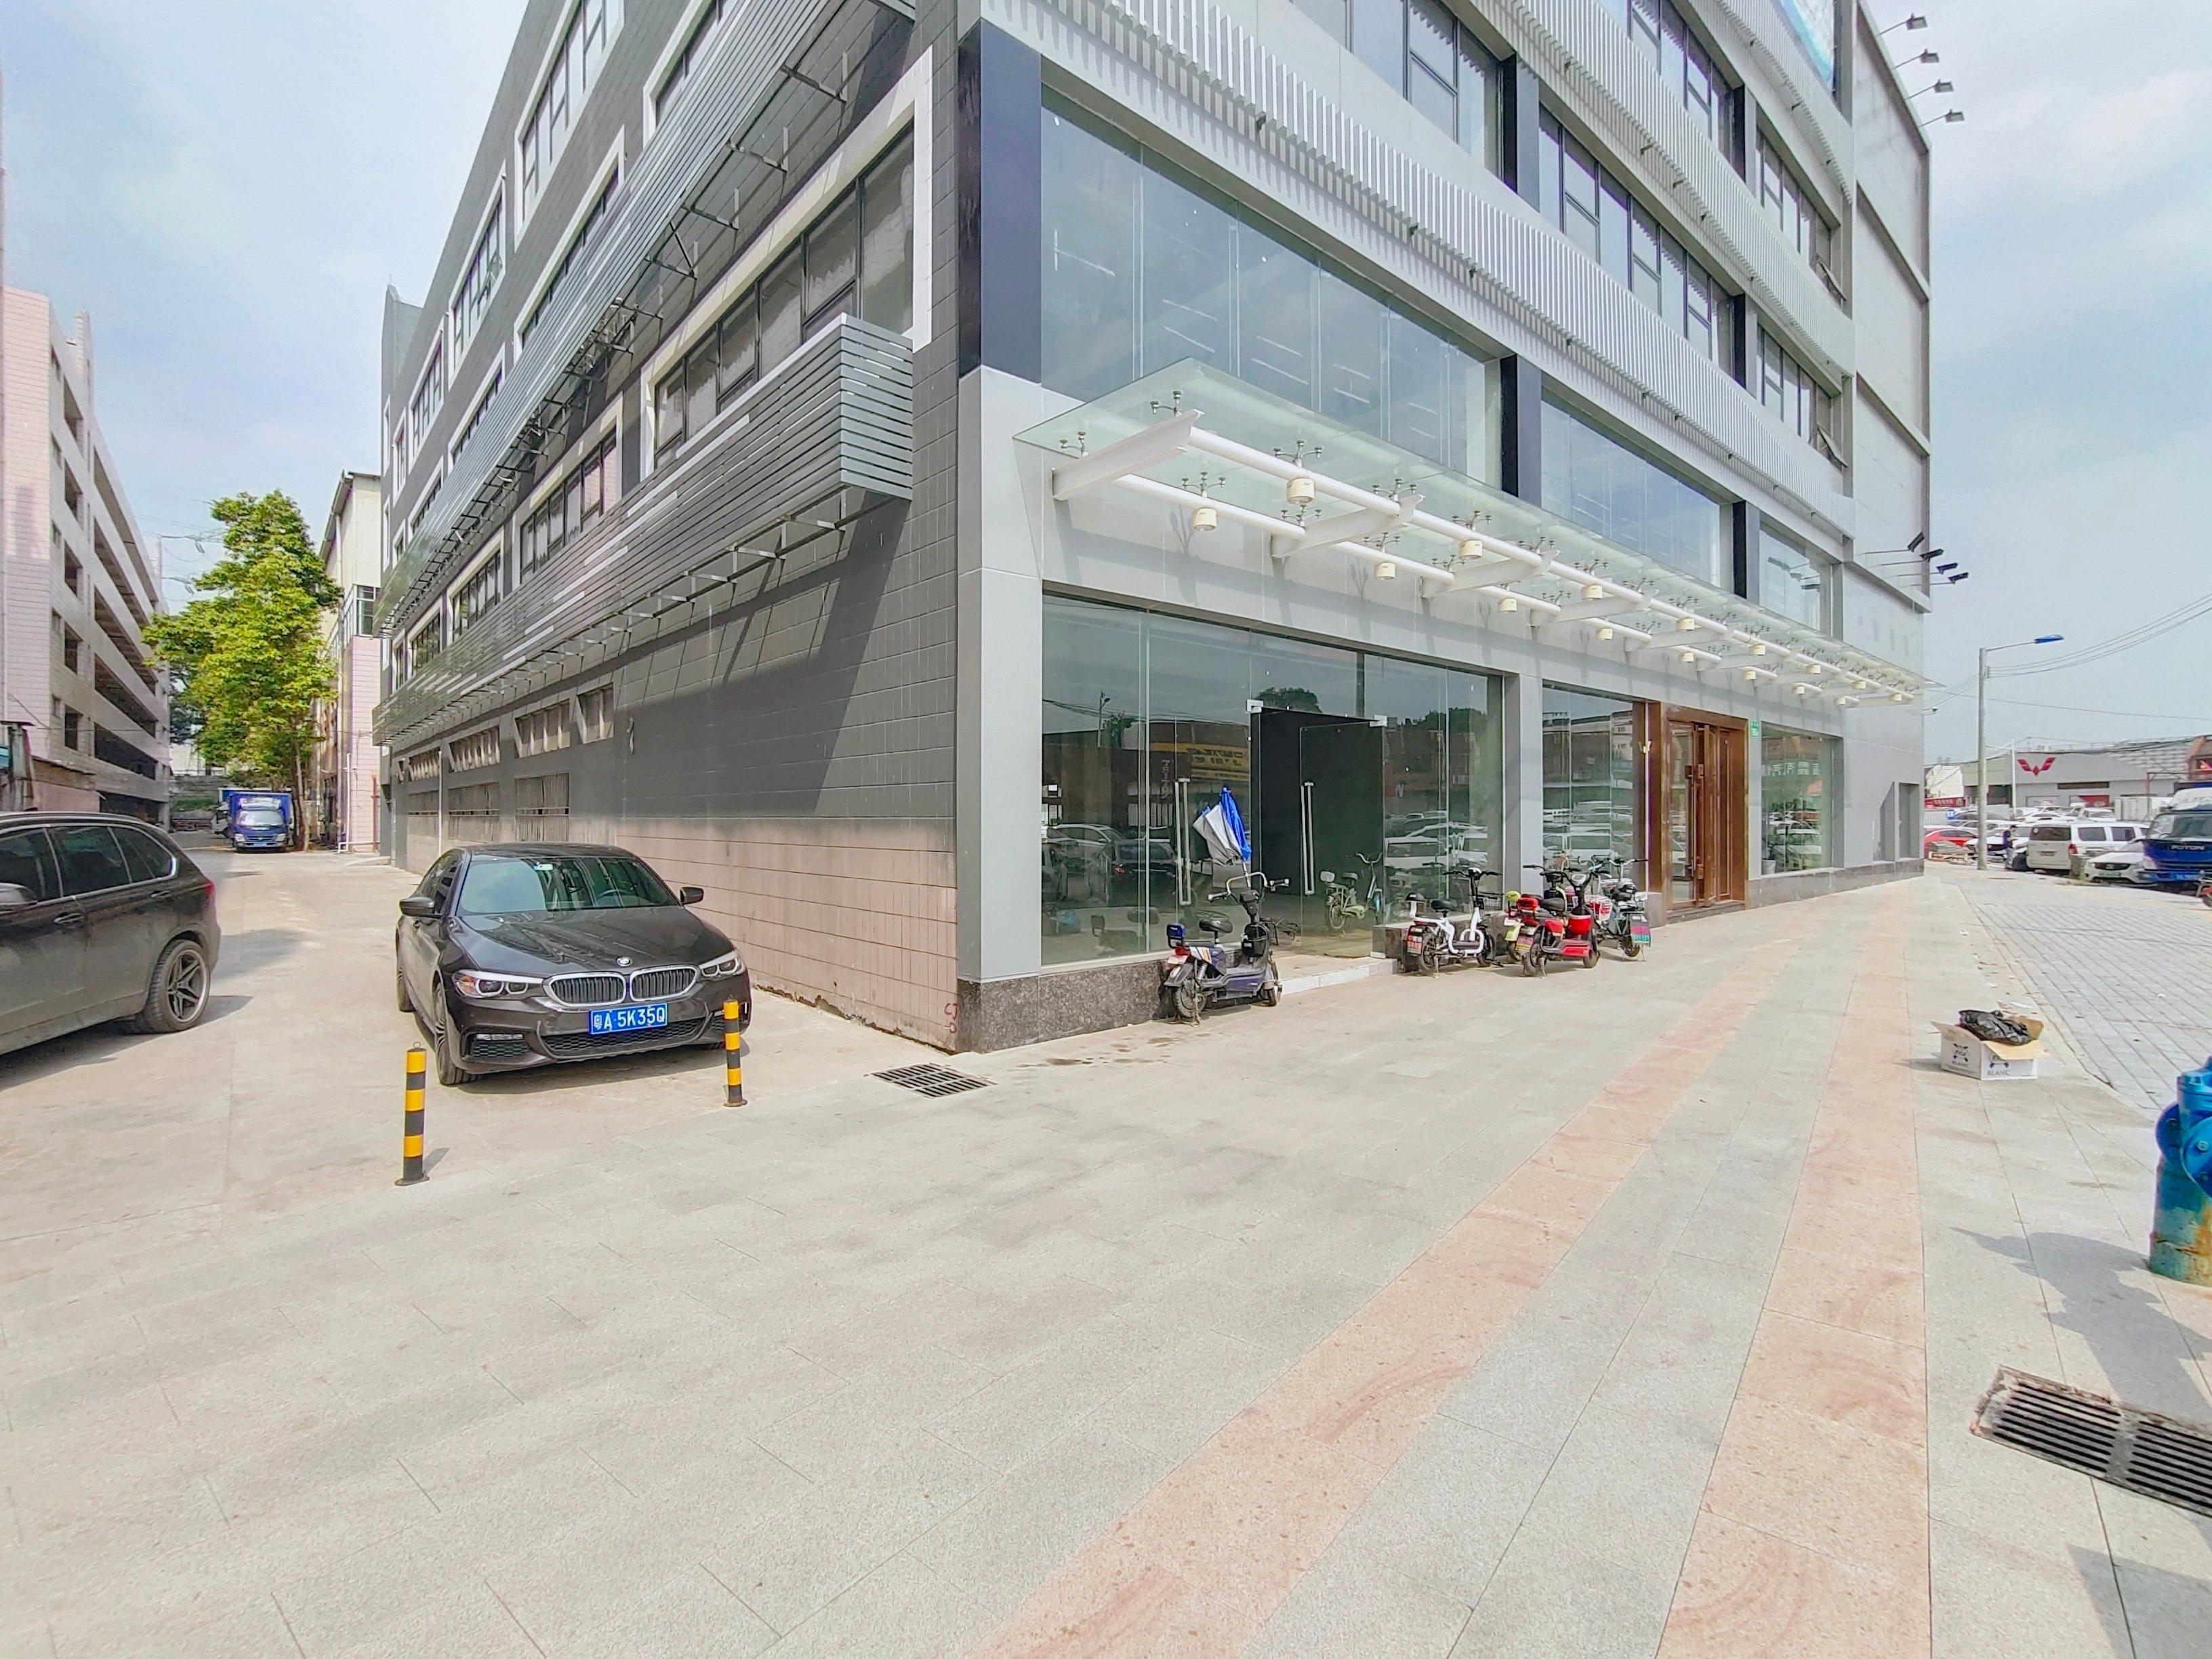 黄埔文冲石化路边上新出1楼厂房仓库商铺800平,大小可分租。